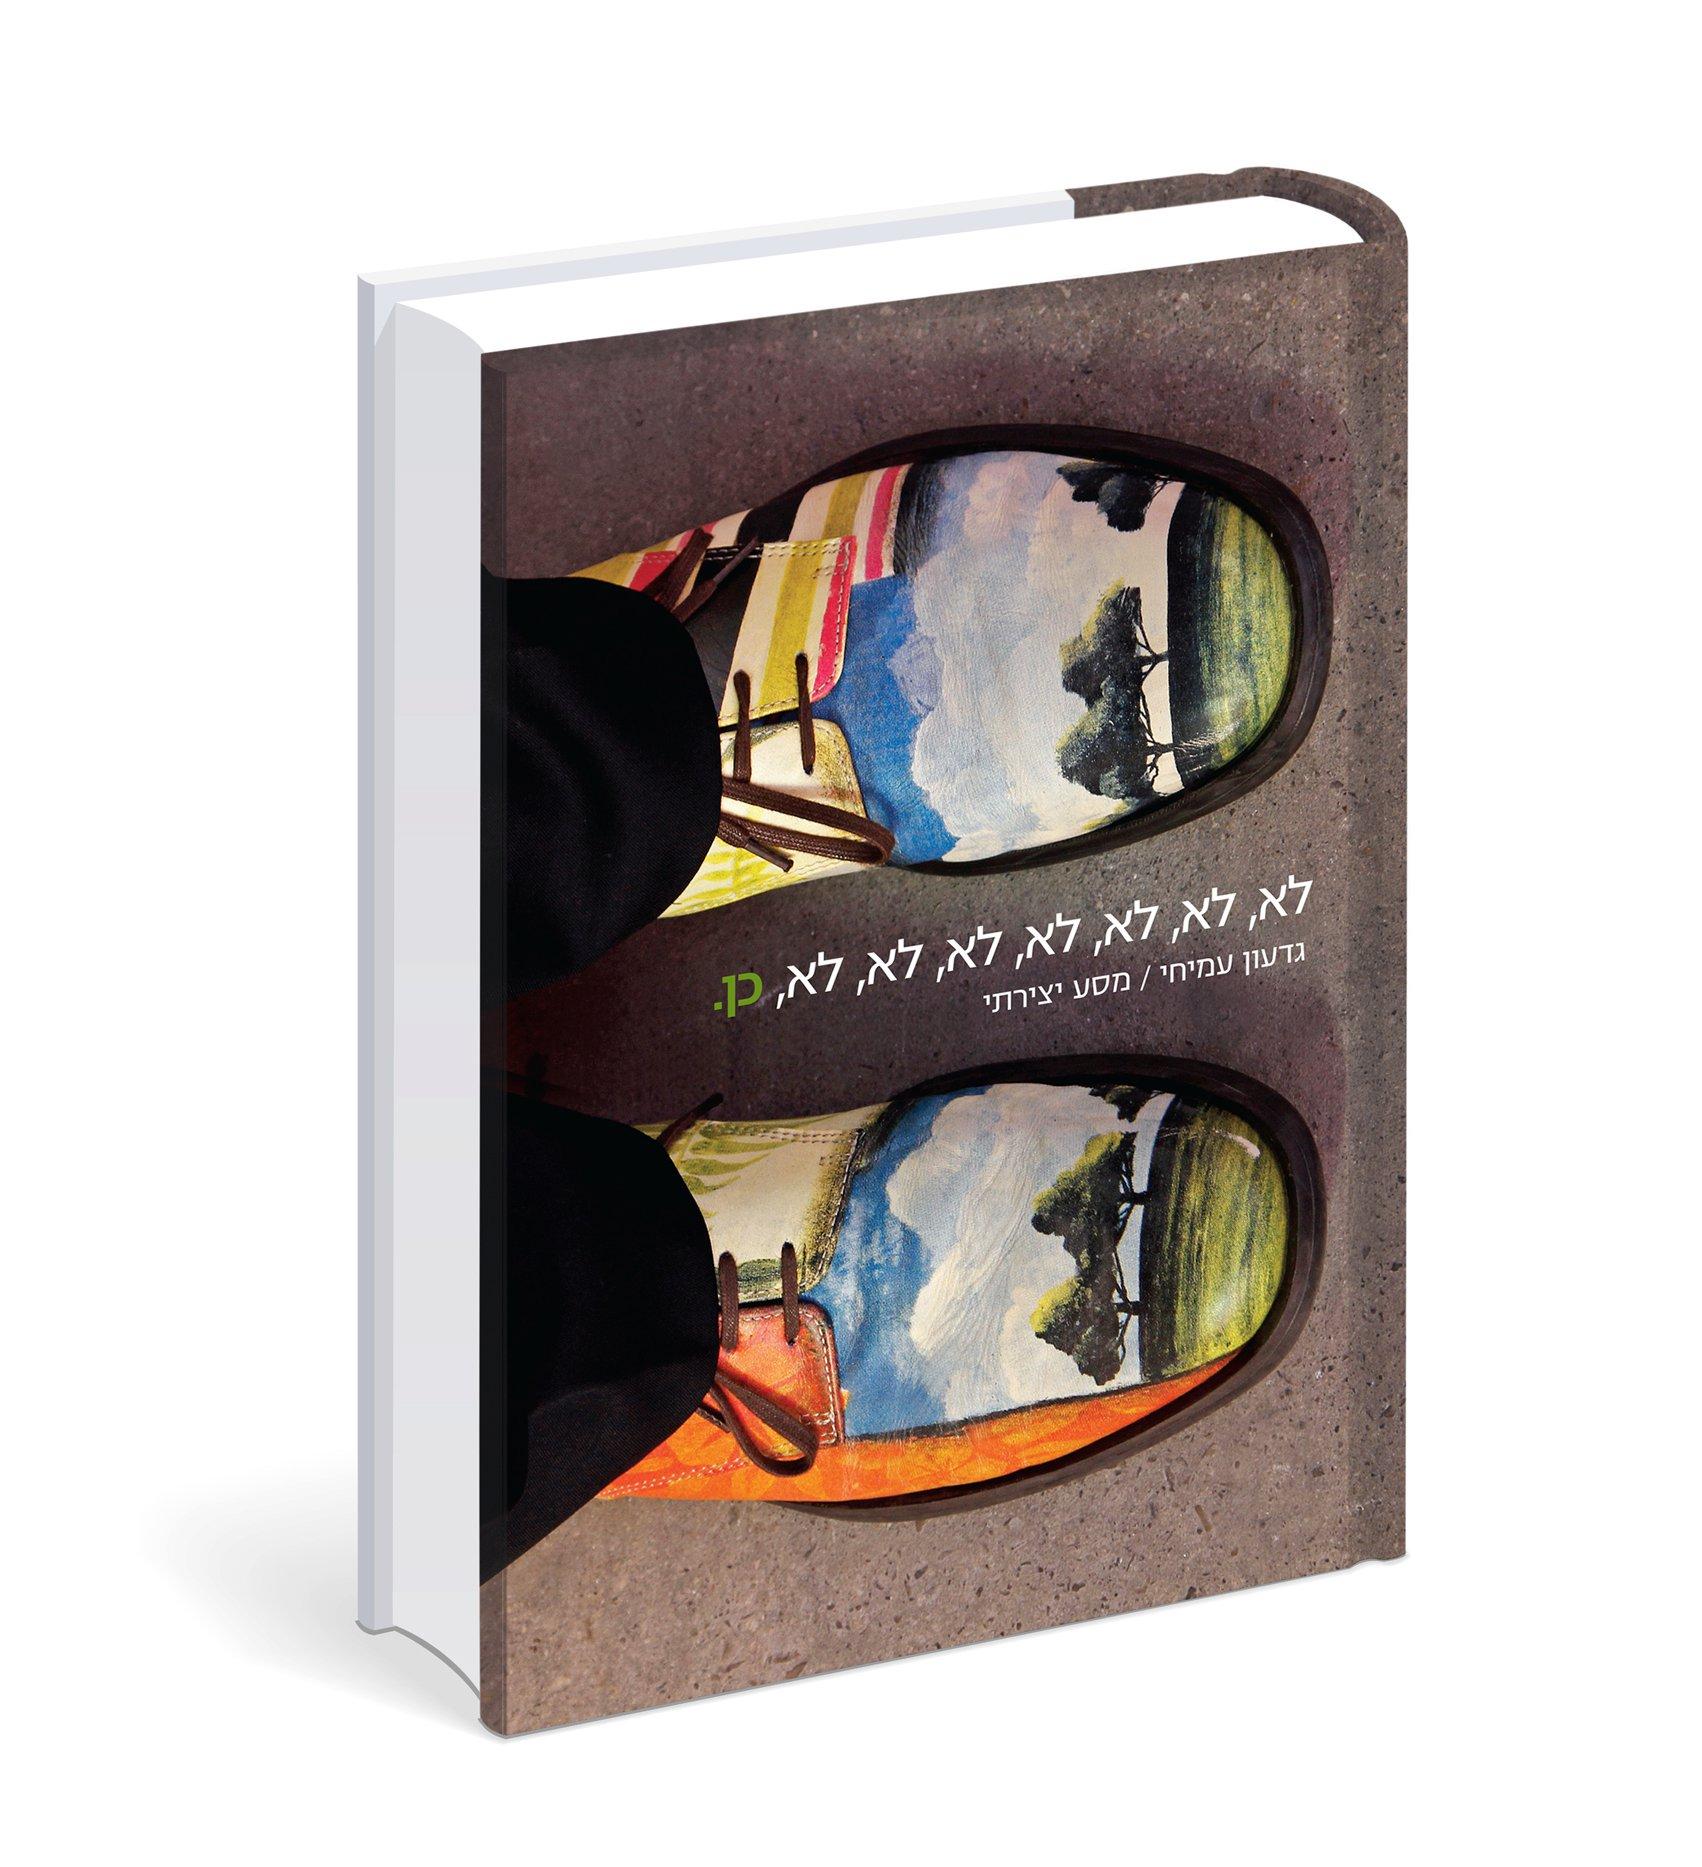 כריכת הספר של גדעון עמיחי